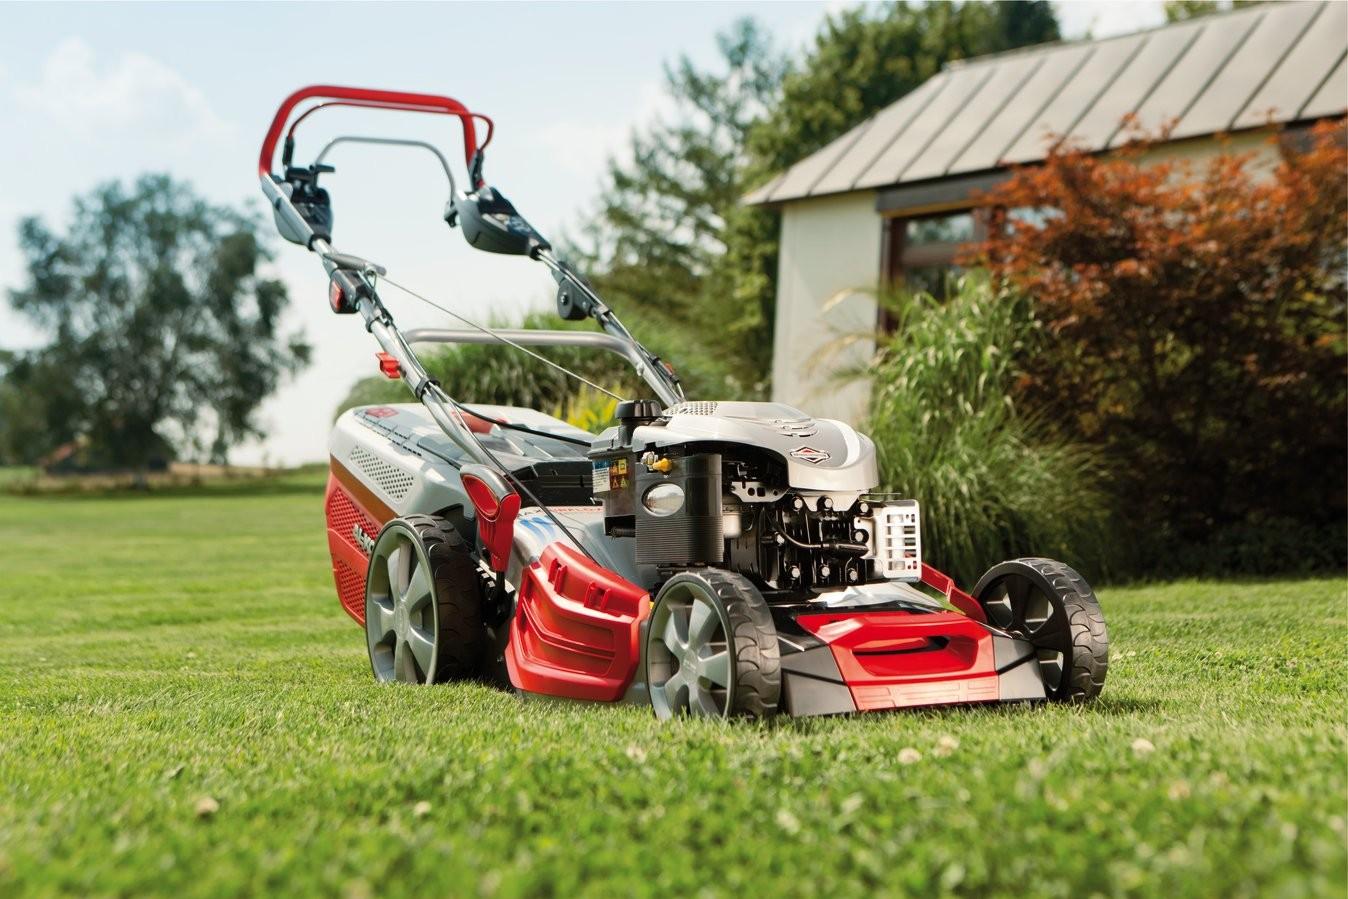 Нужно ли мульчирование травы газонокосилкой?